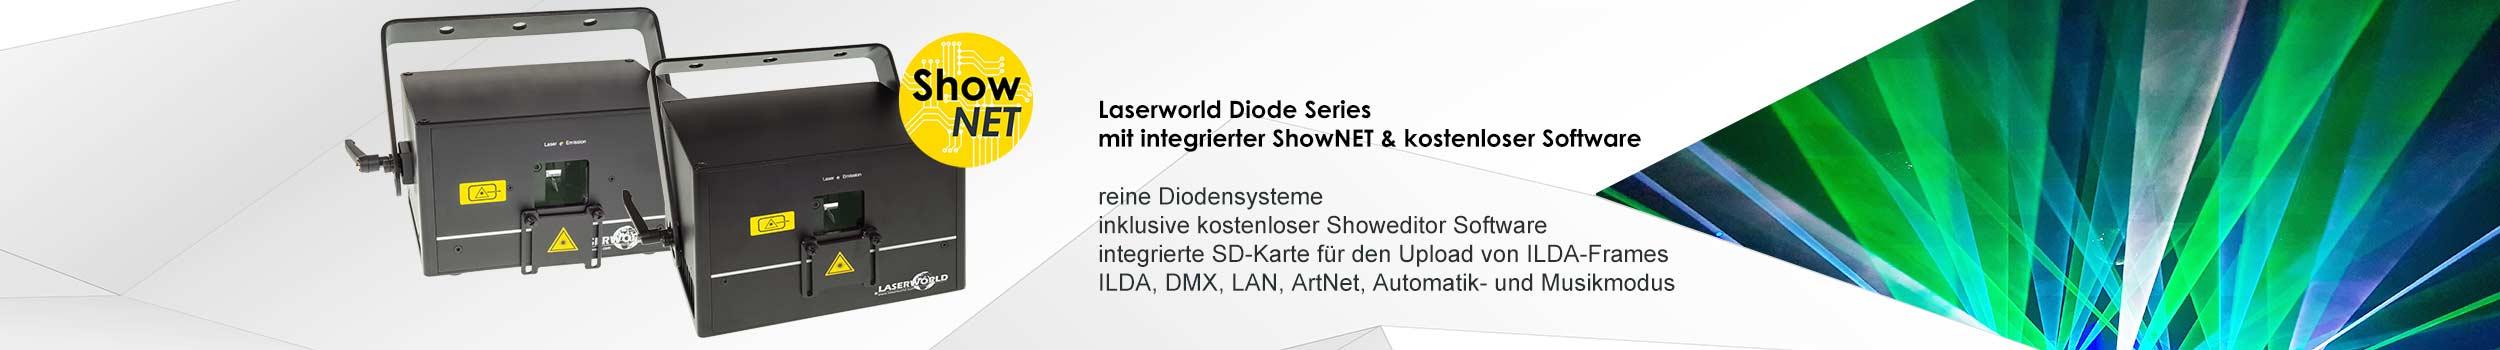 Laserworld Diode Serie mit ShowNET